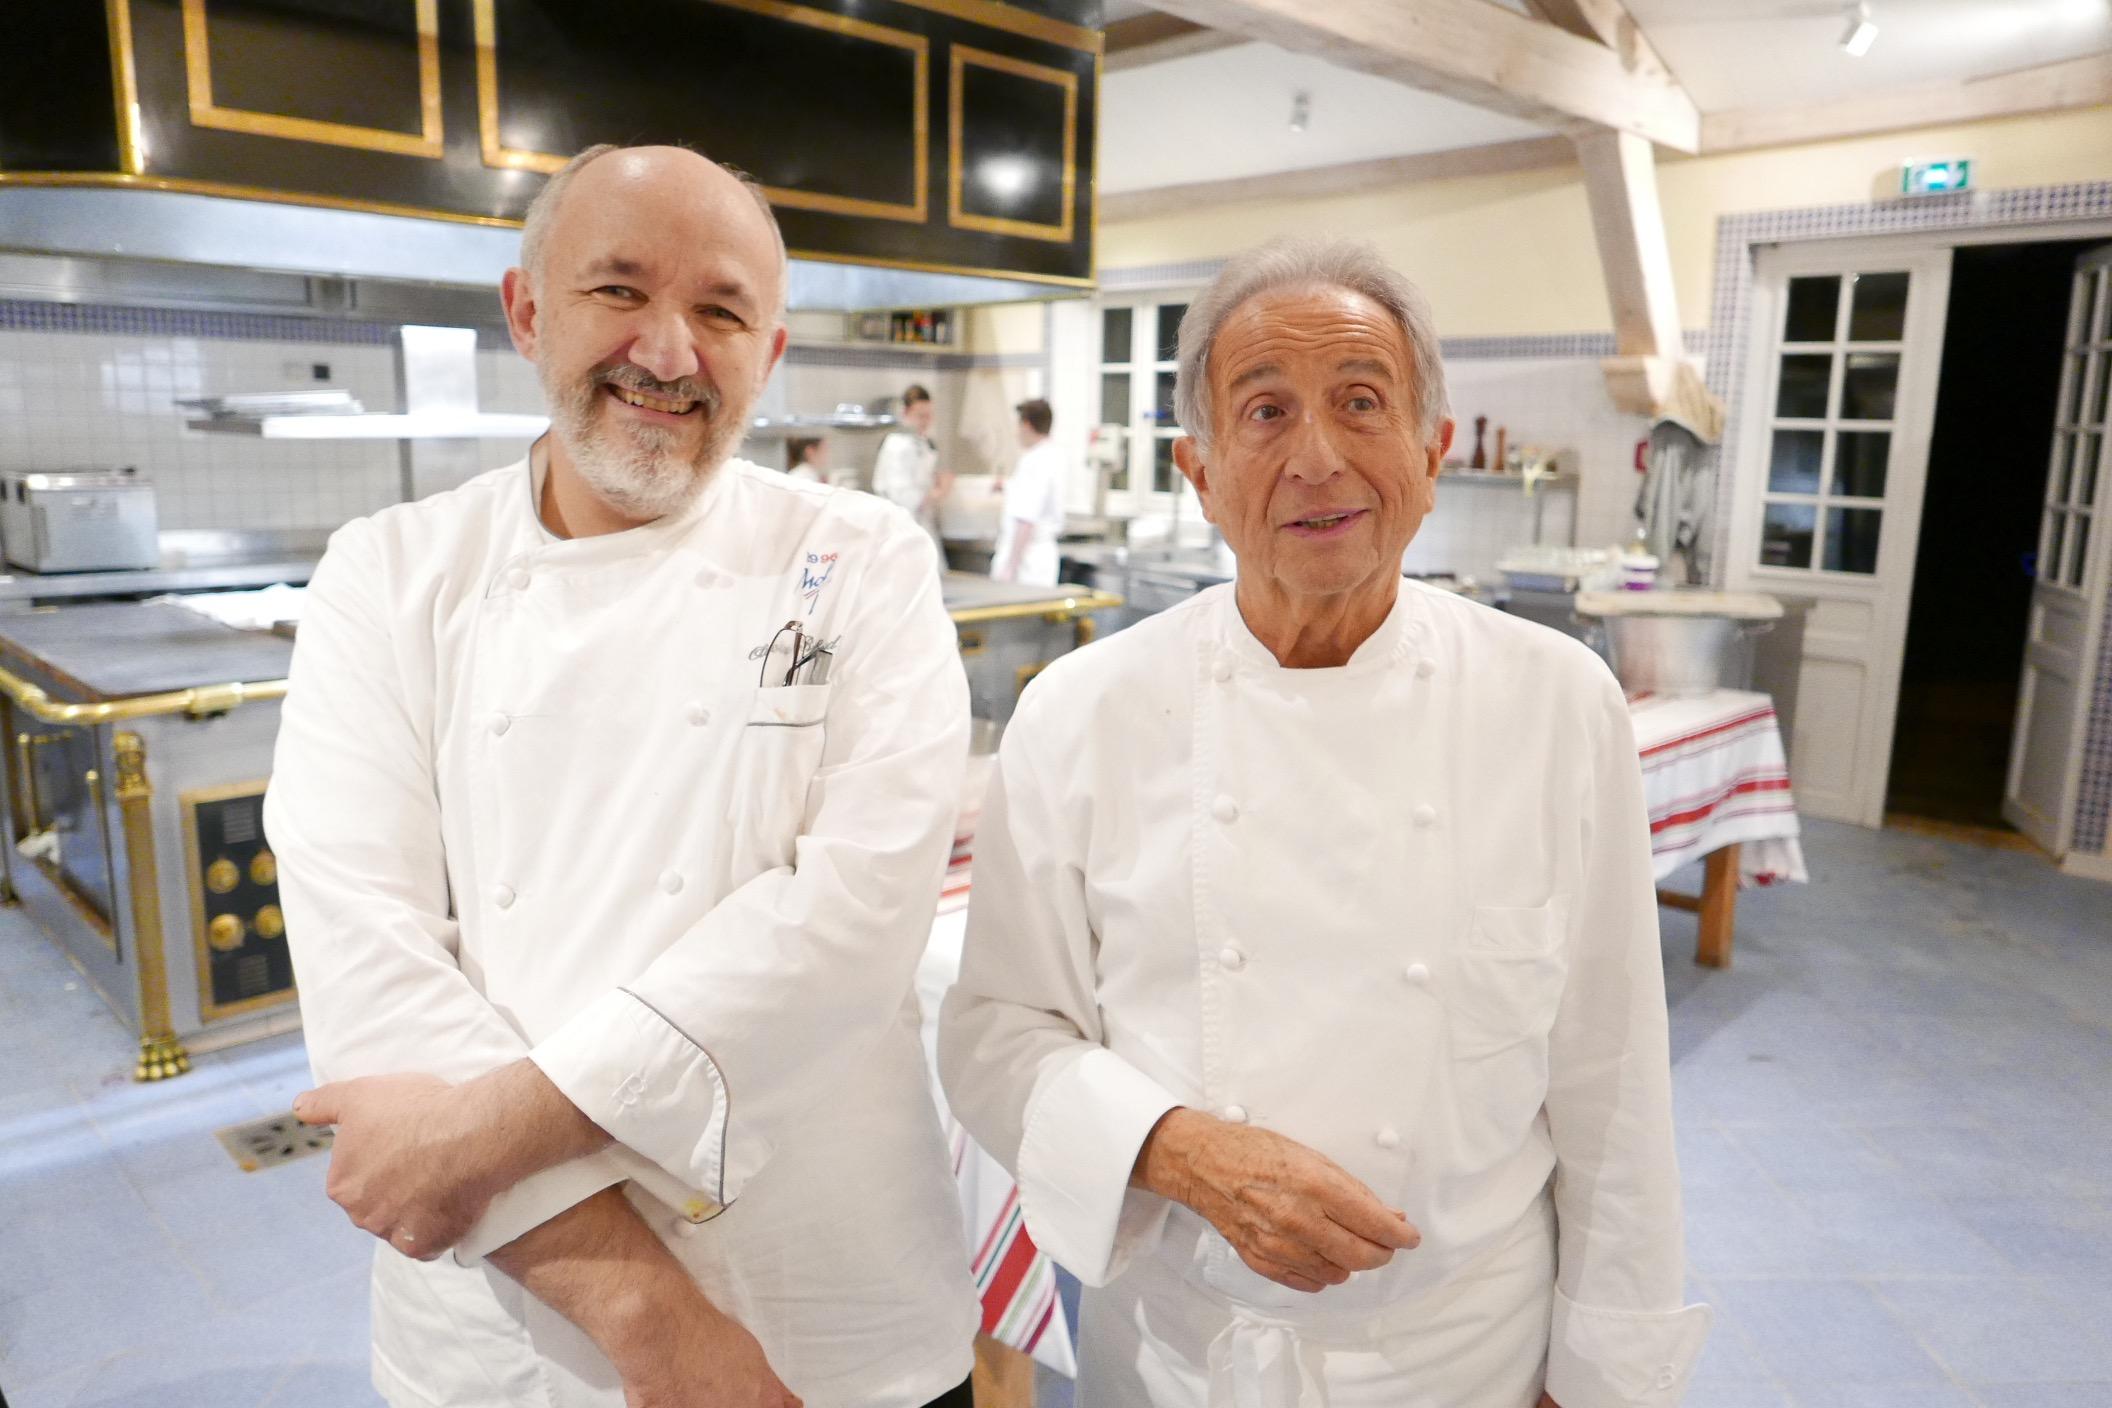 Les tachon lasserre du foie gras lafitte - Cure eugenie les bains ...